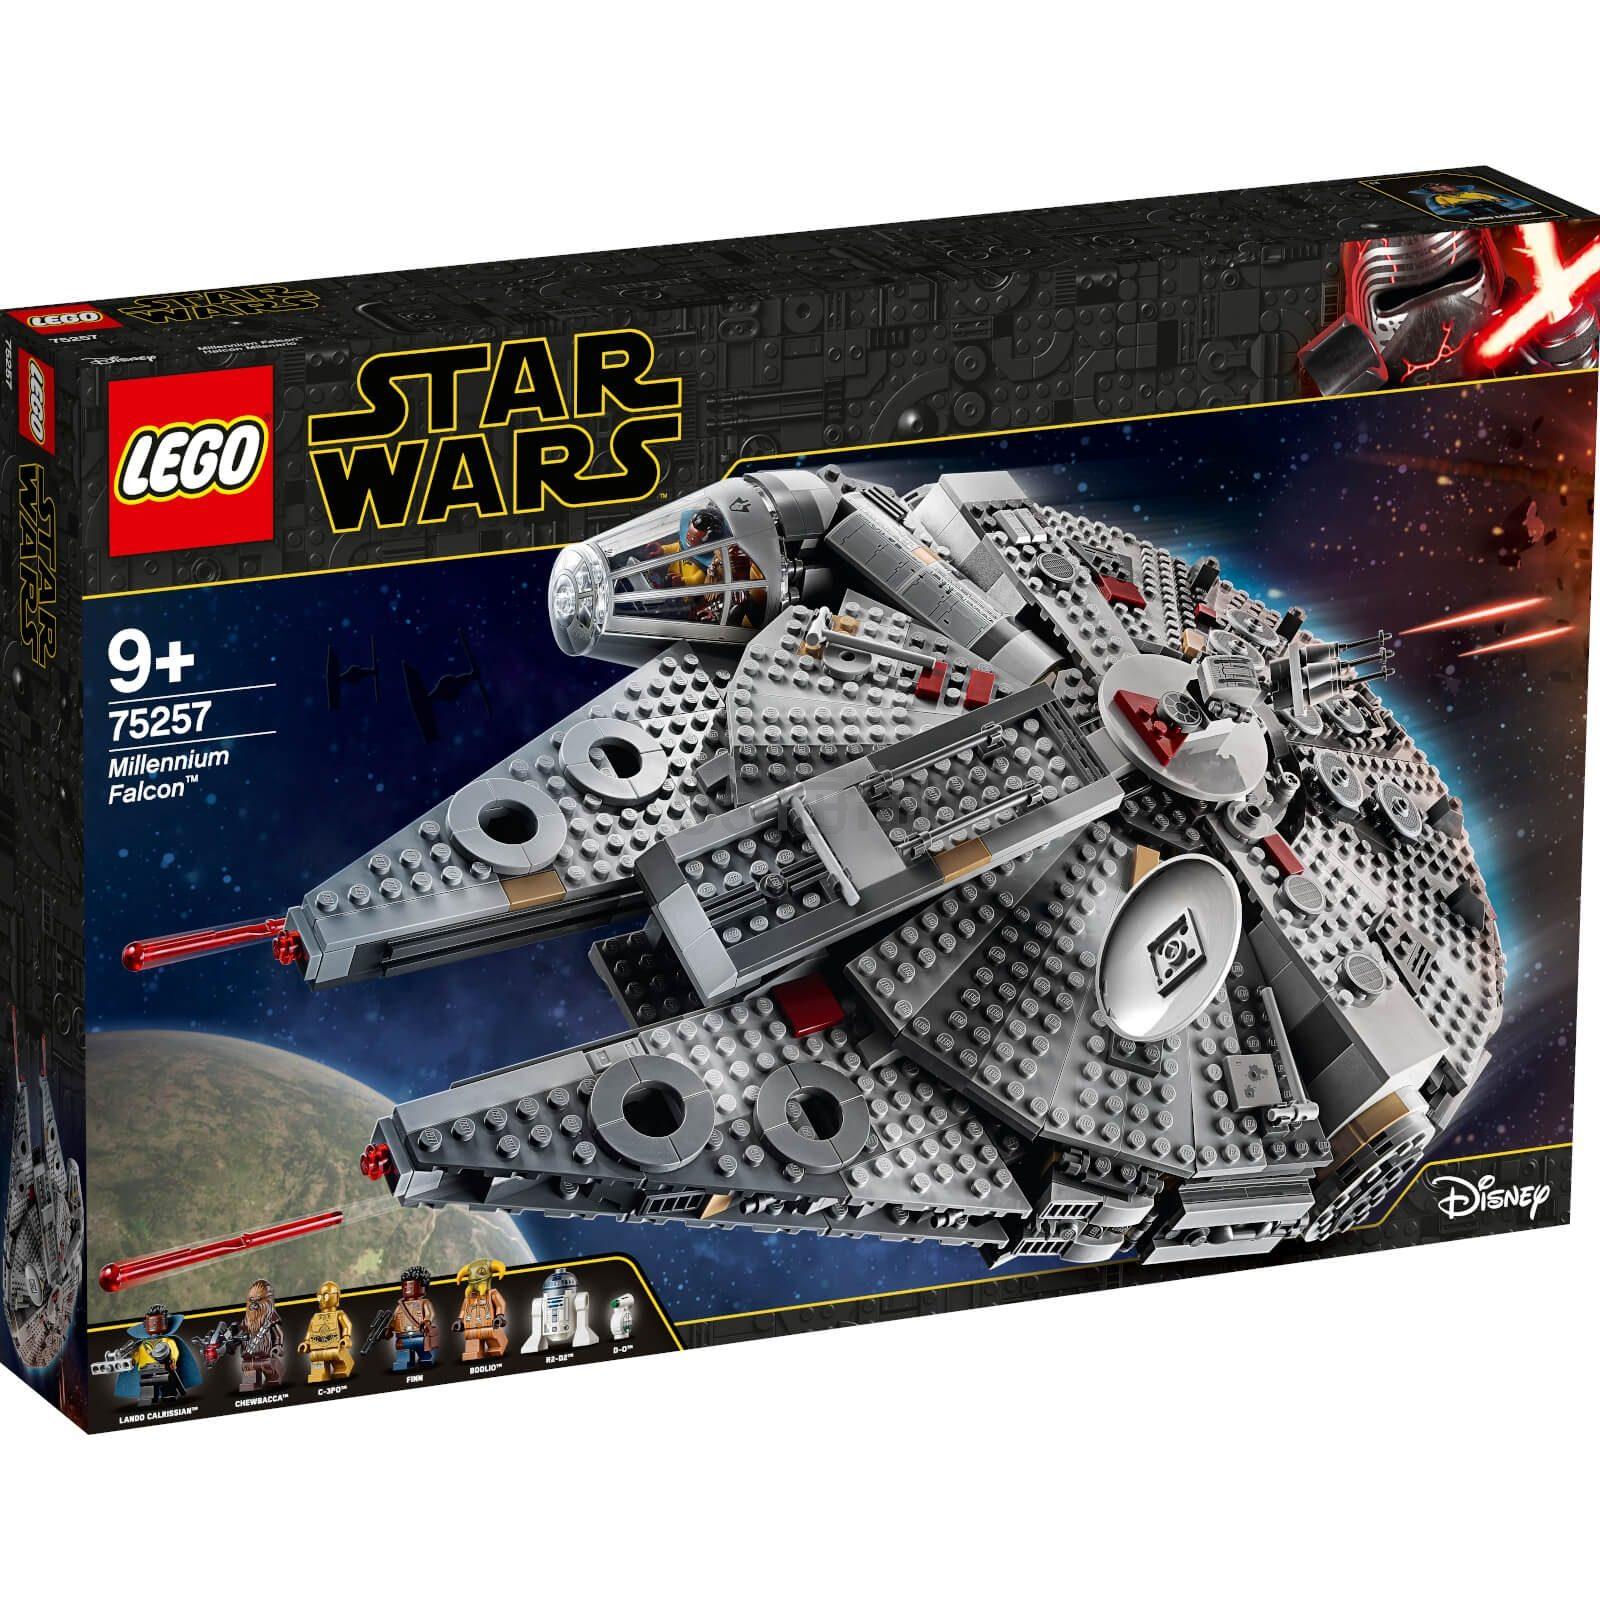 免邮+税补!LEGO 乐高星球大战系列 千年隼 (75257) £112.99(约1,026元) - 海淘优惠海淘折扣|55海淘网